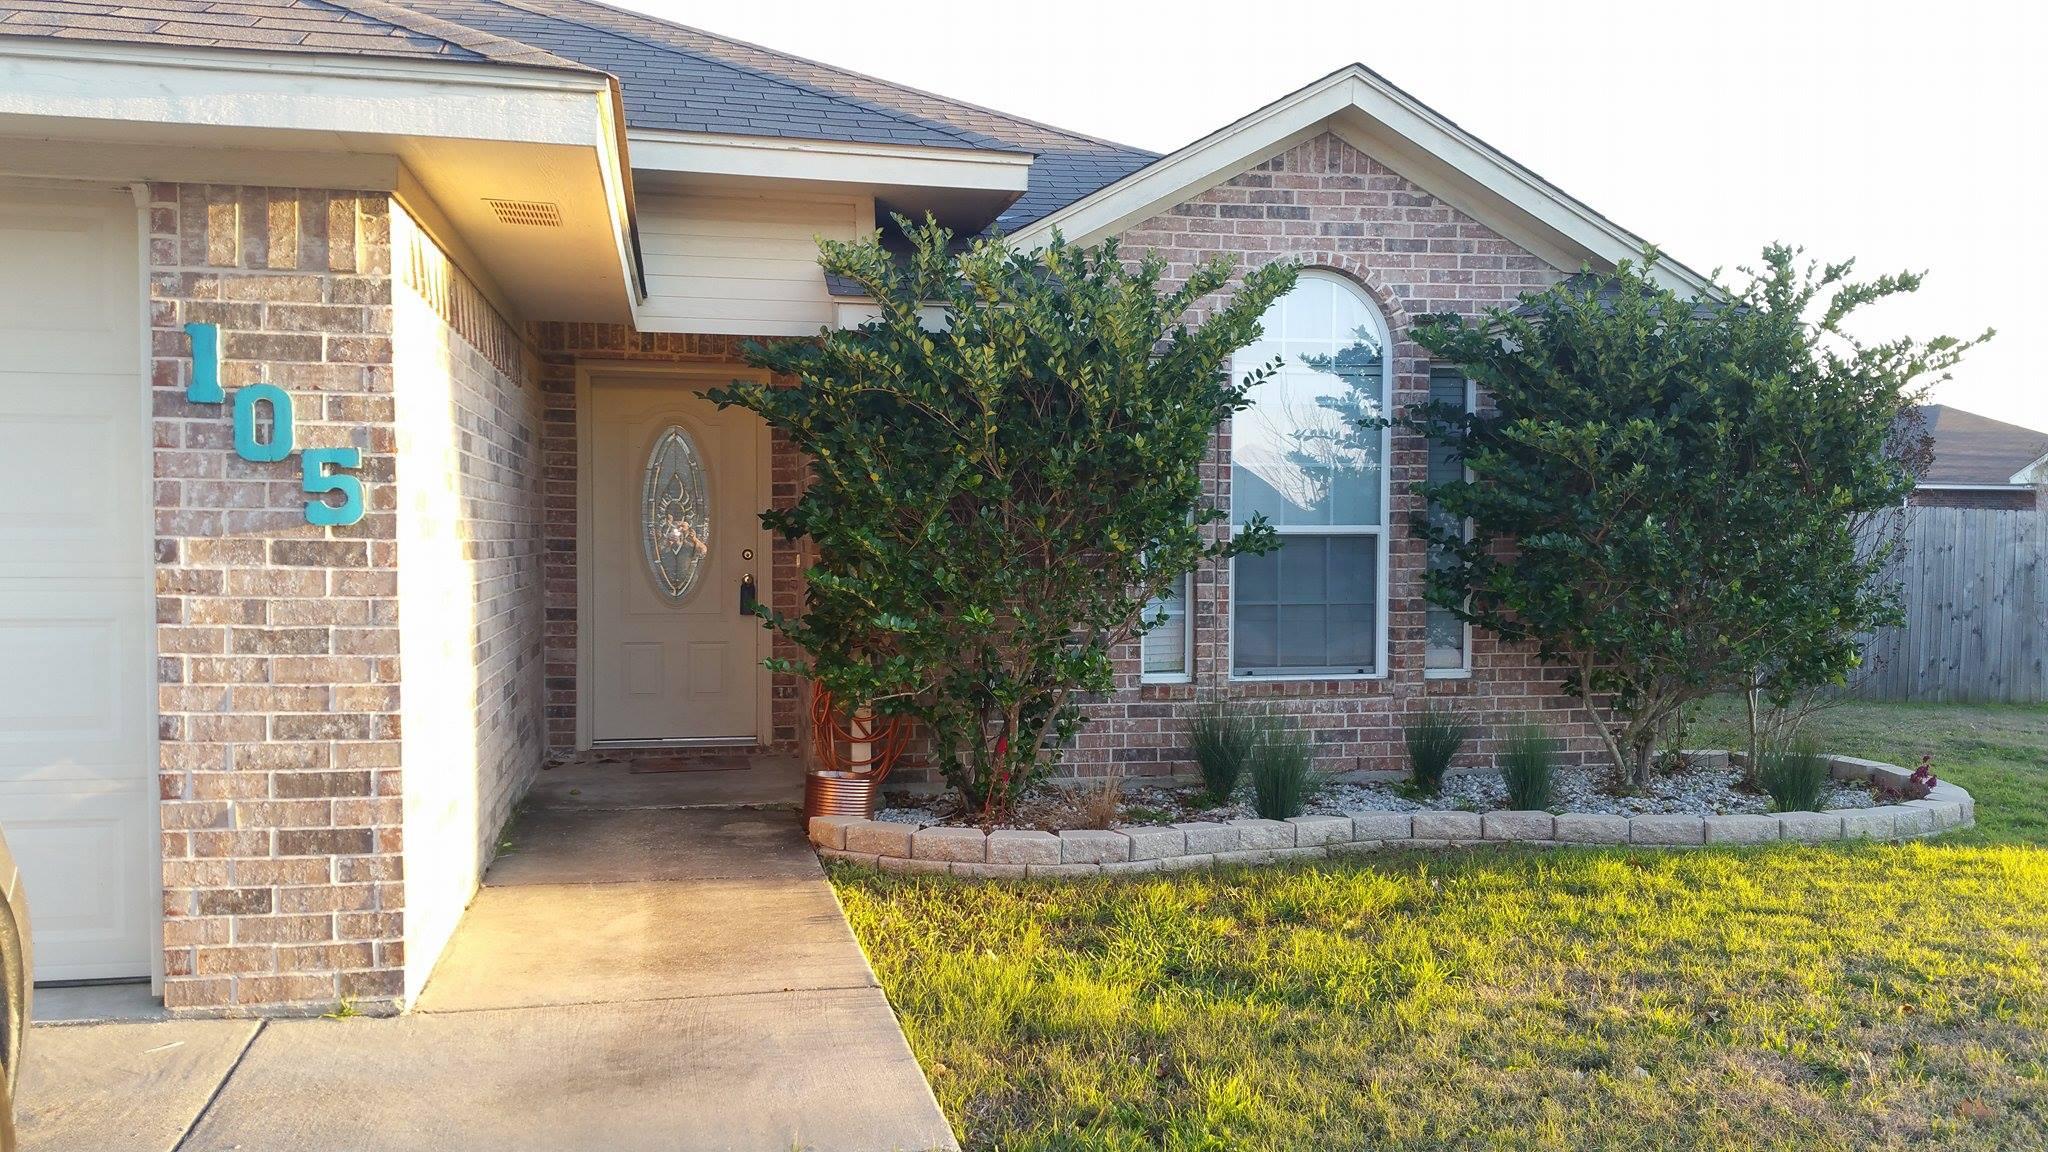 105 Wildcat Dr, Waco, Texas 76705